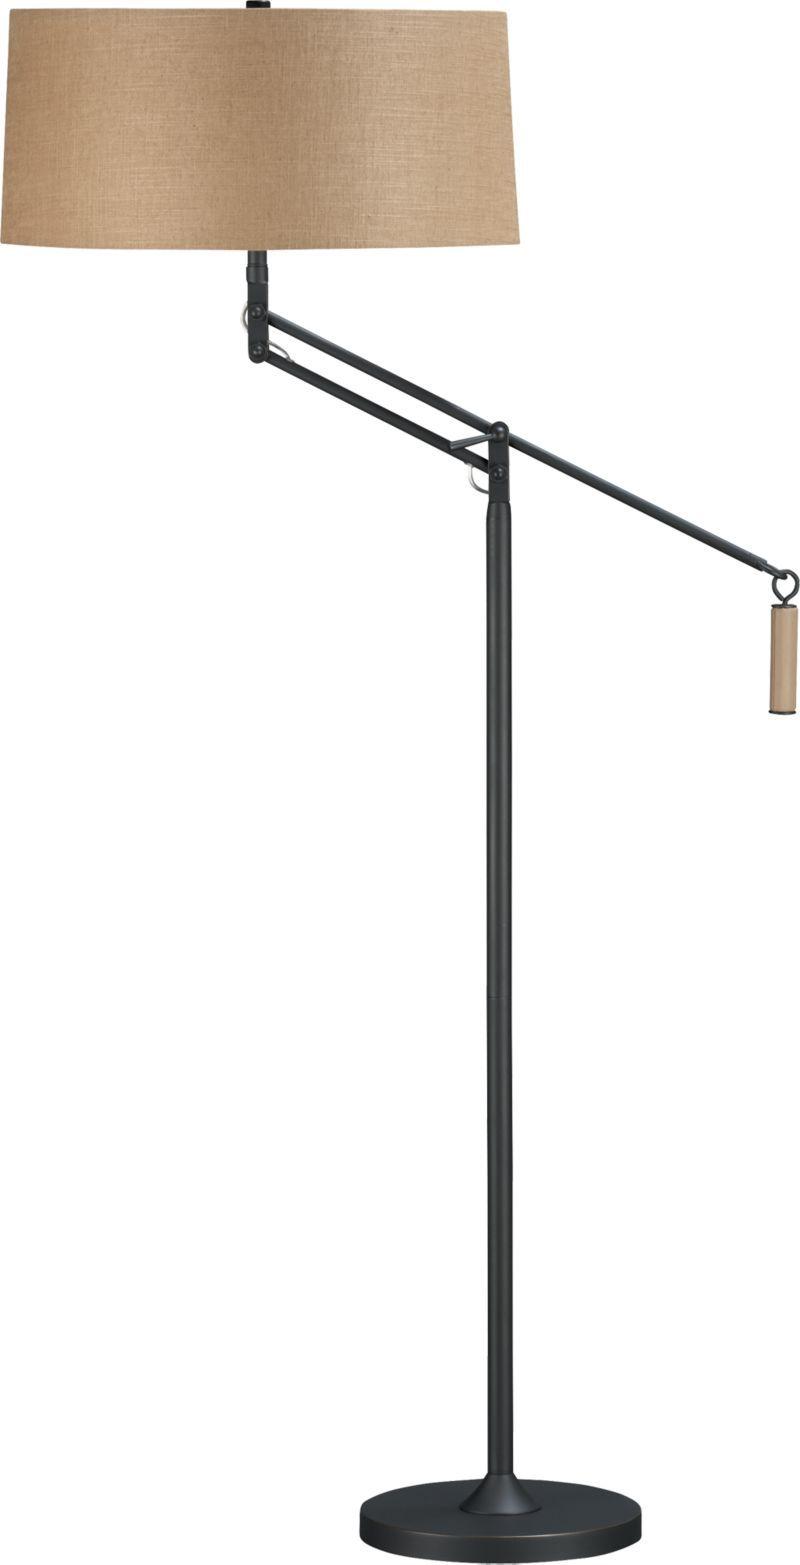 Autry Adjustable Floor Lamp Contemporary Floor Lamps Adjustable Floor Lamp Floor Lamp